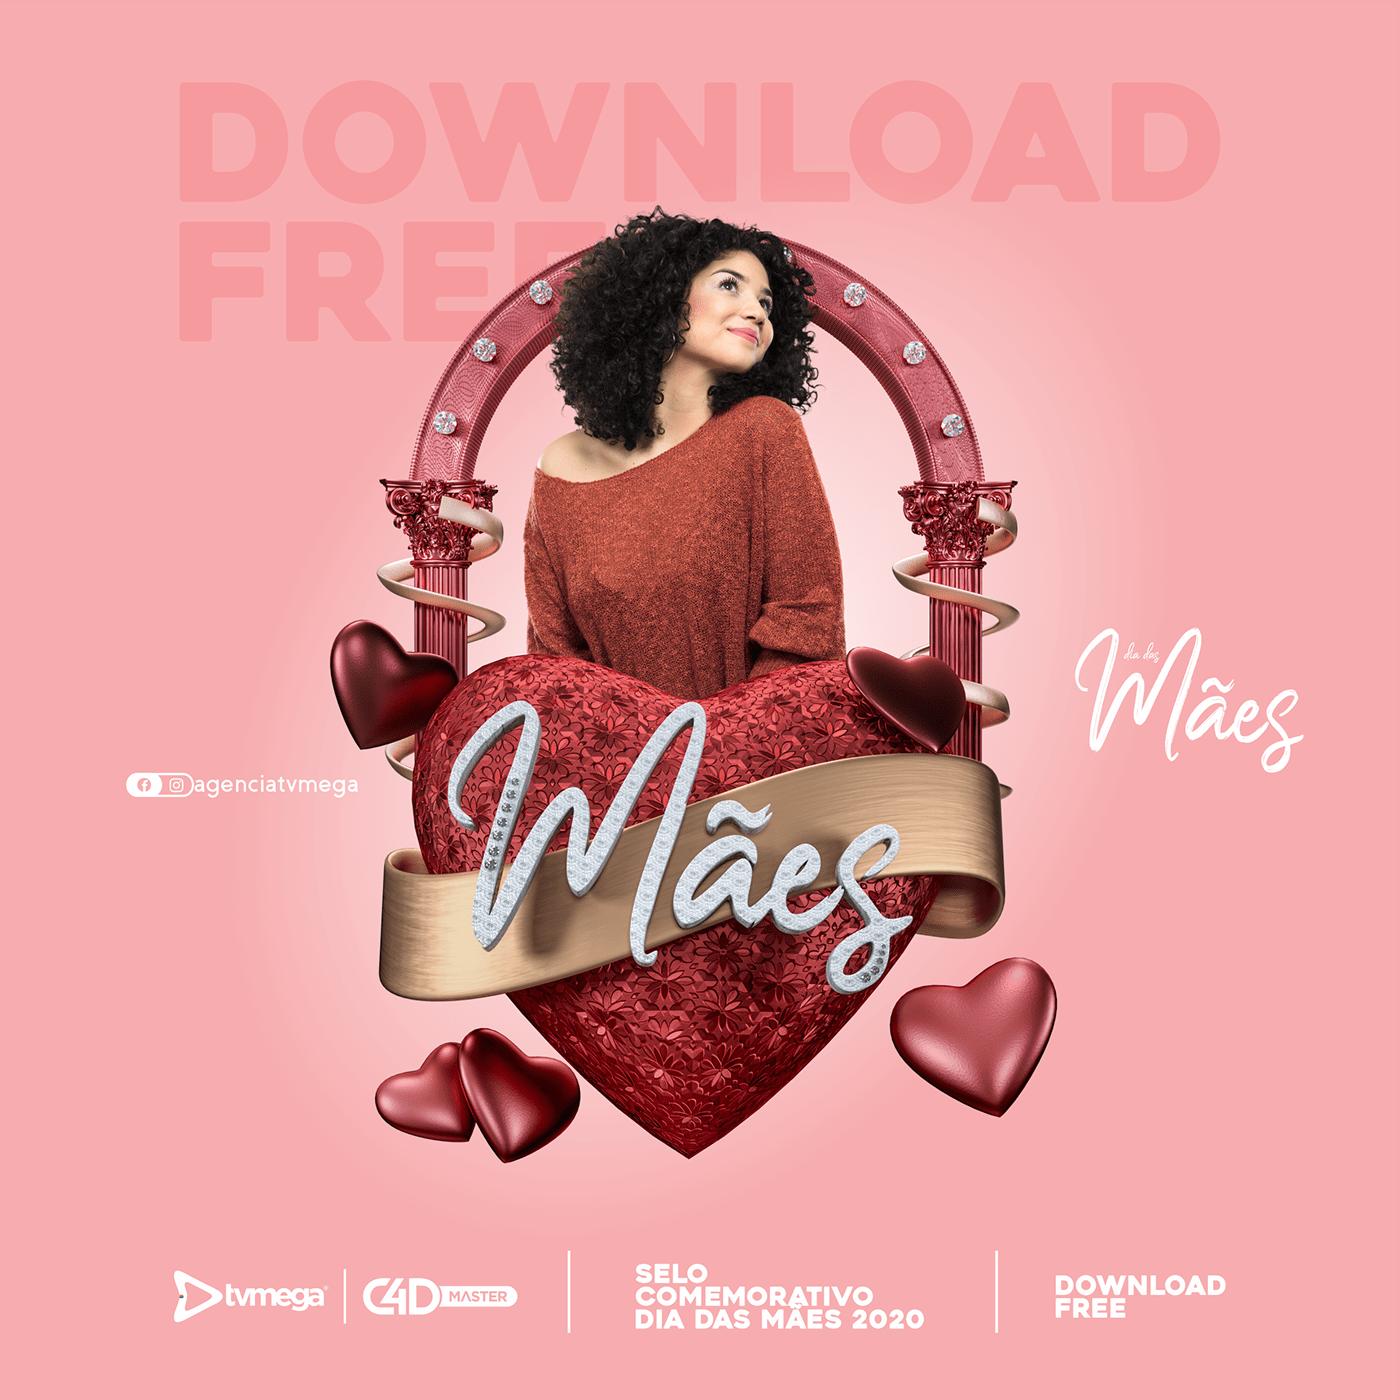 freebie selo dia das maes para download 2 designe